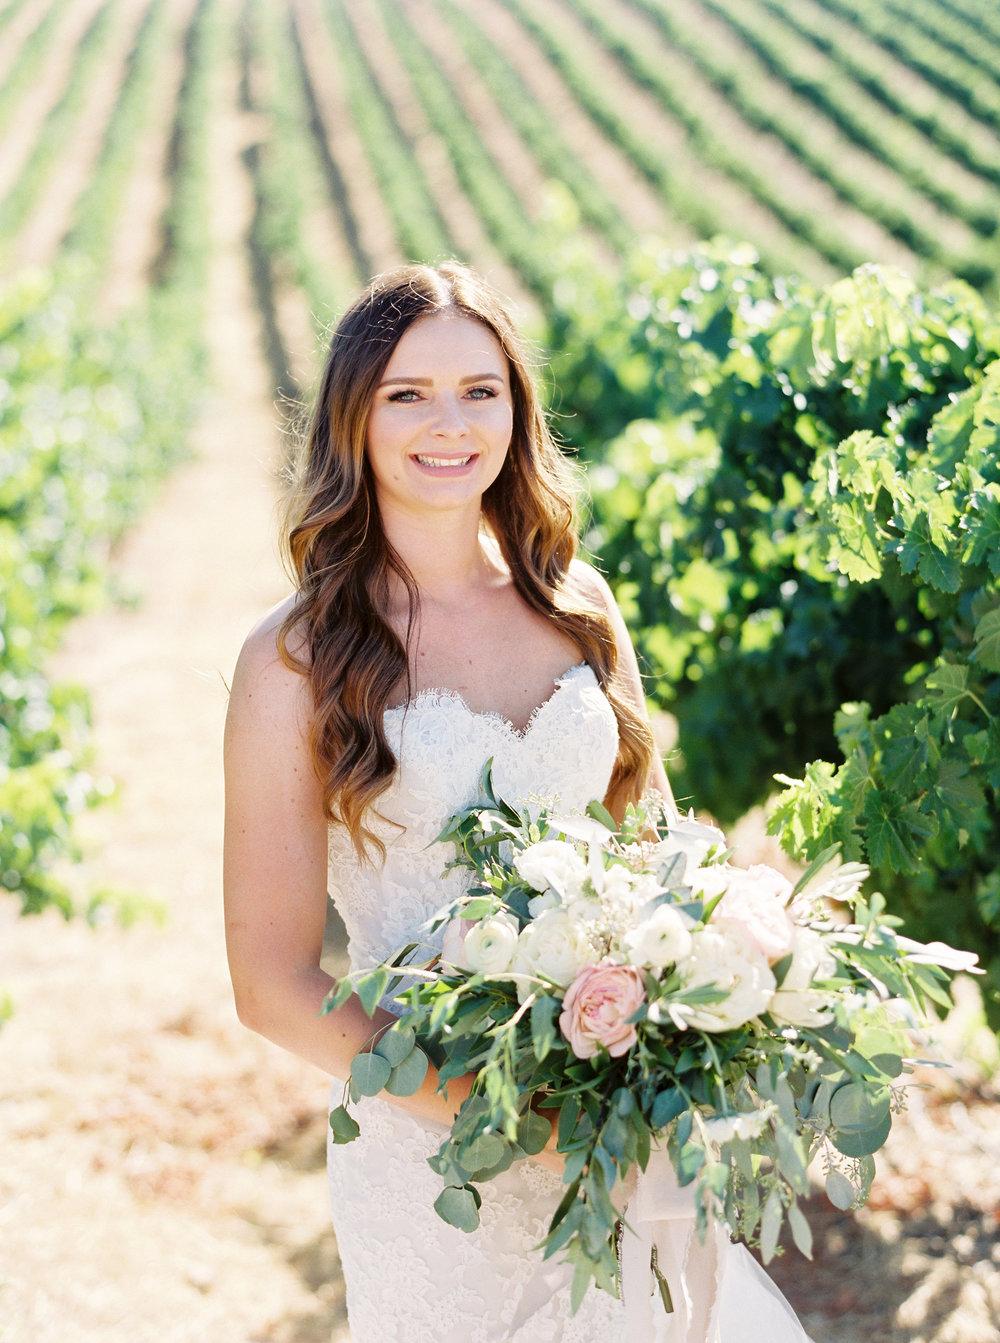 muriettas-well-wedding-in-livermore-california-154.jpg